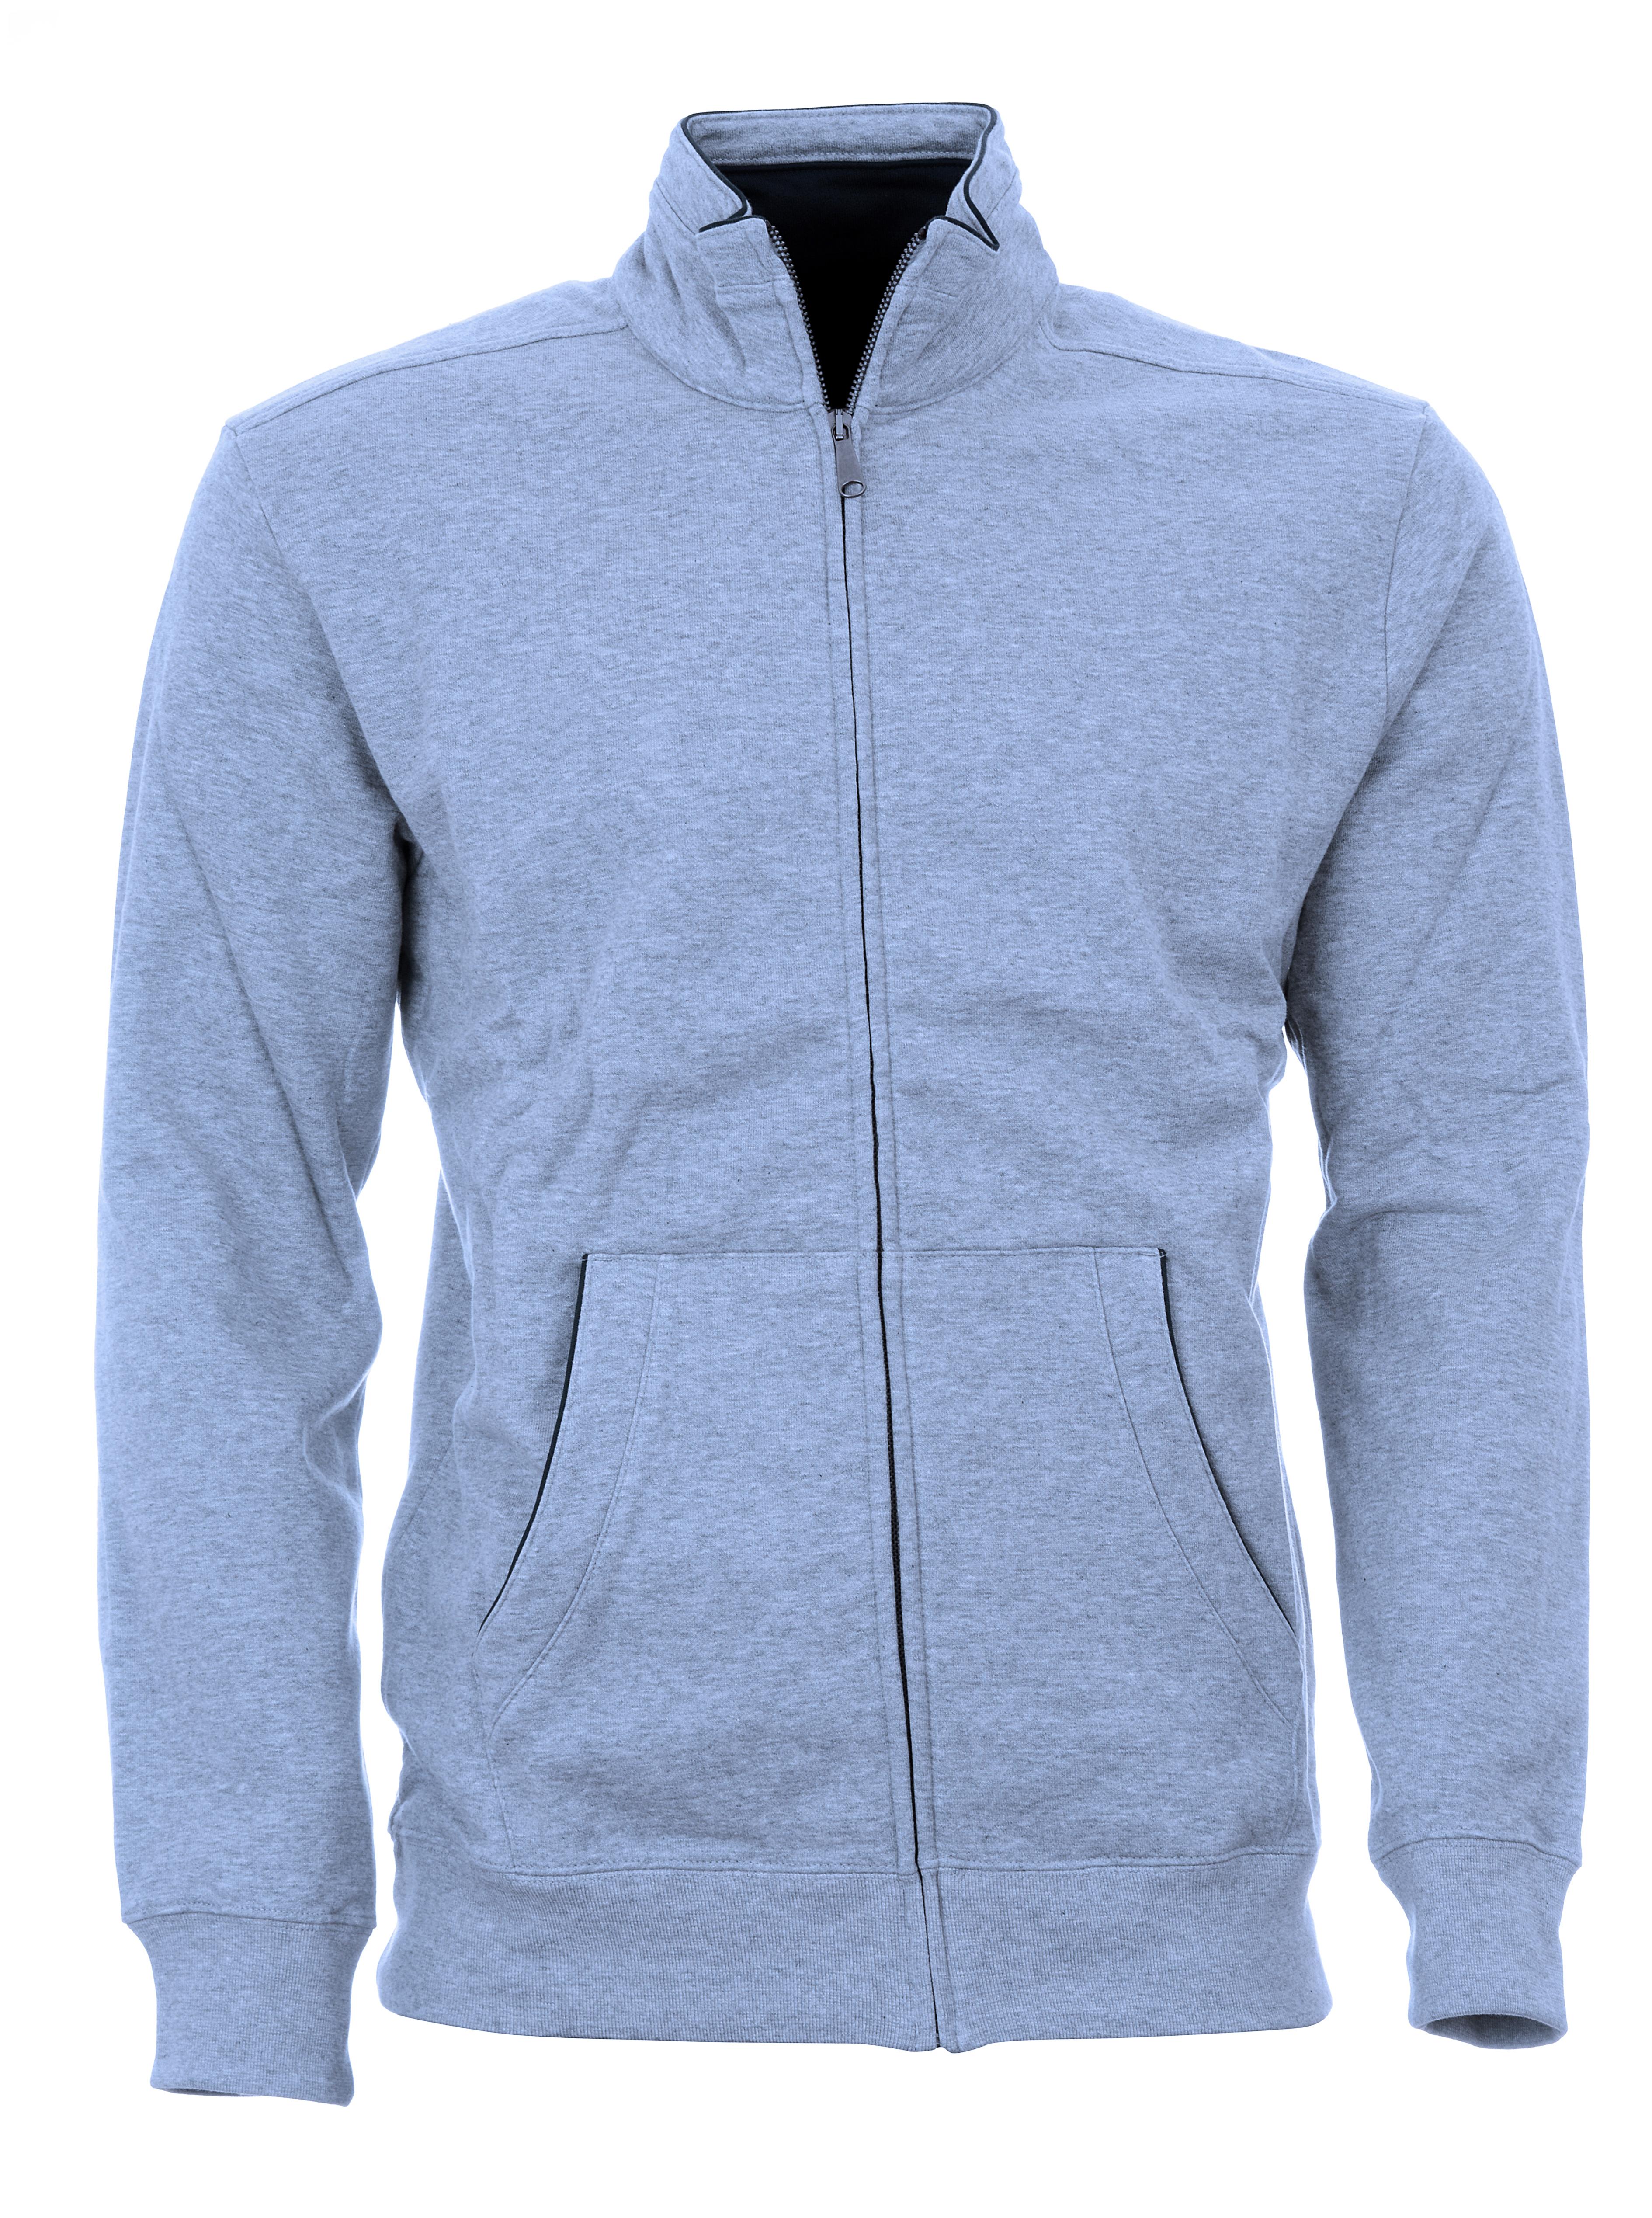 Custom made jackets (3)